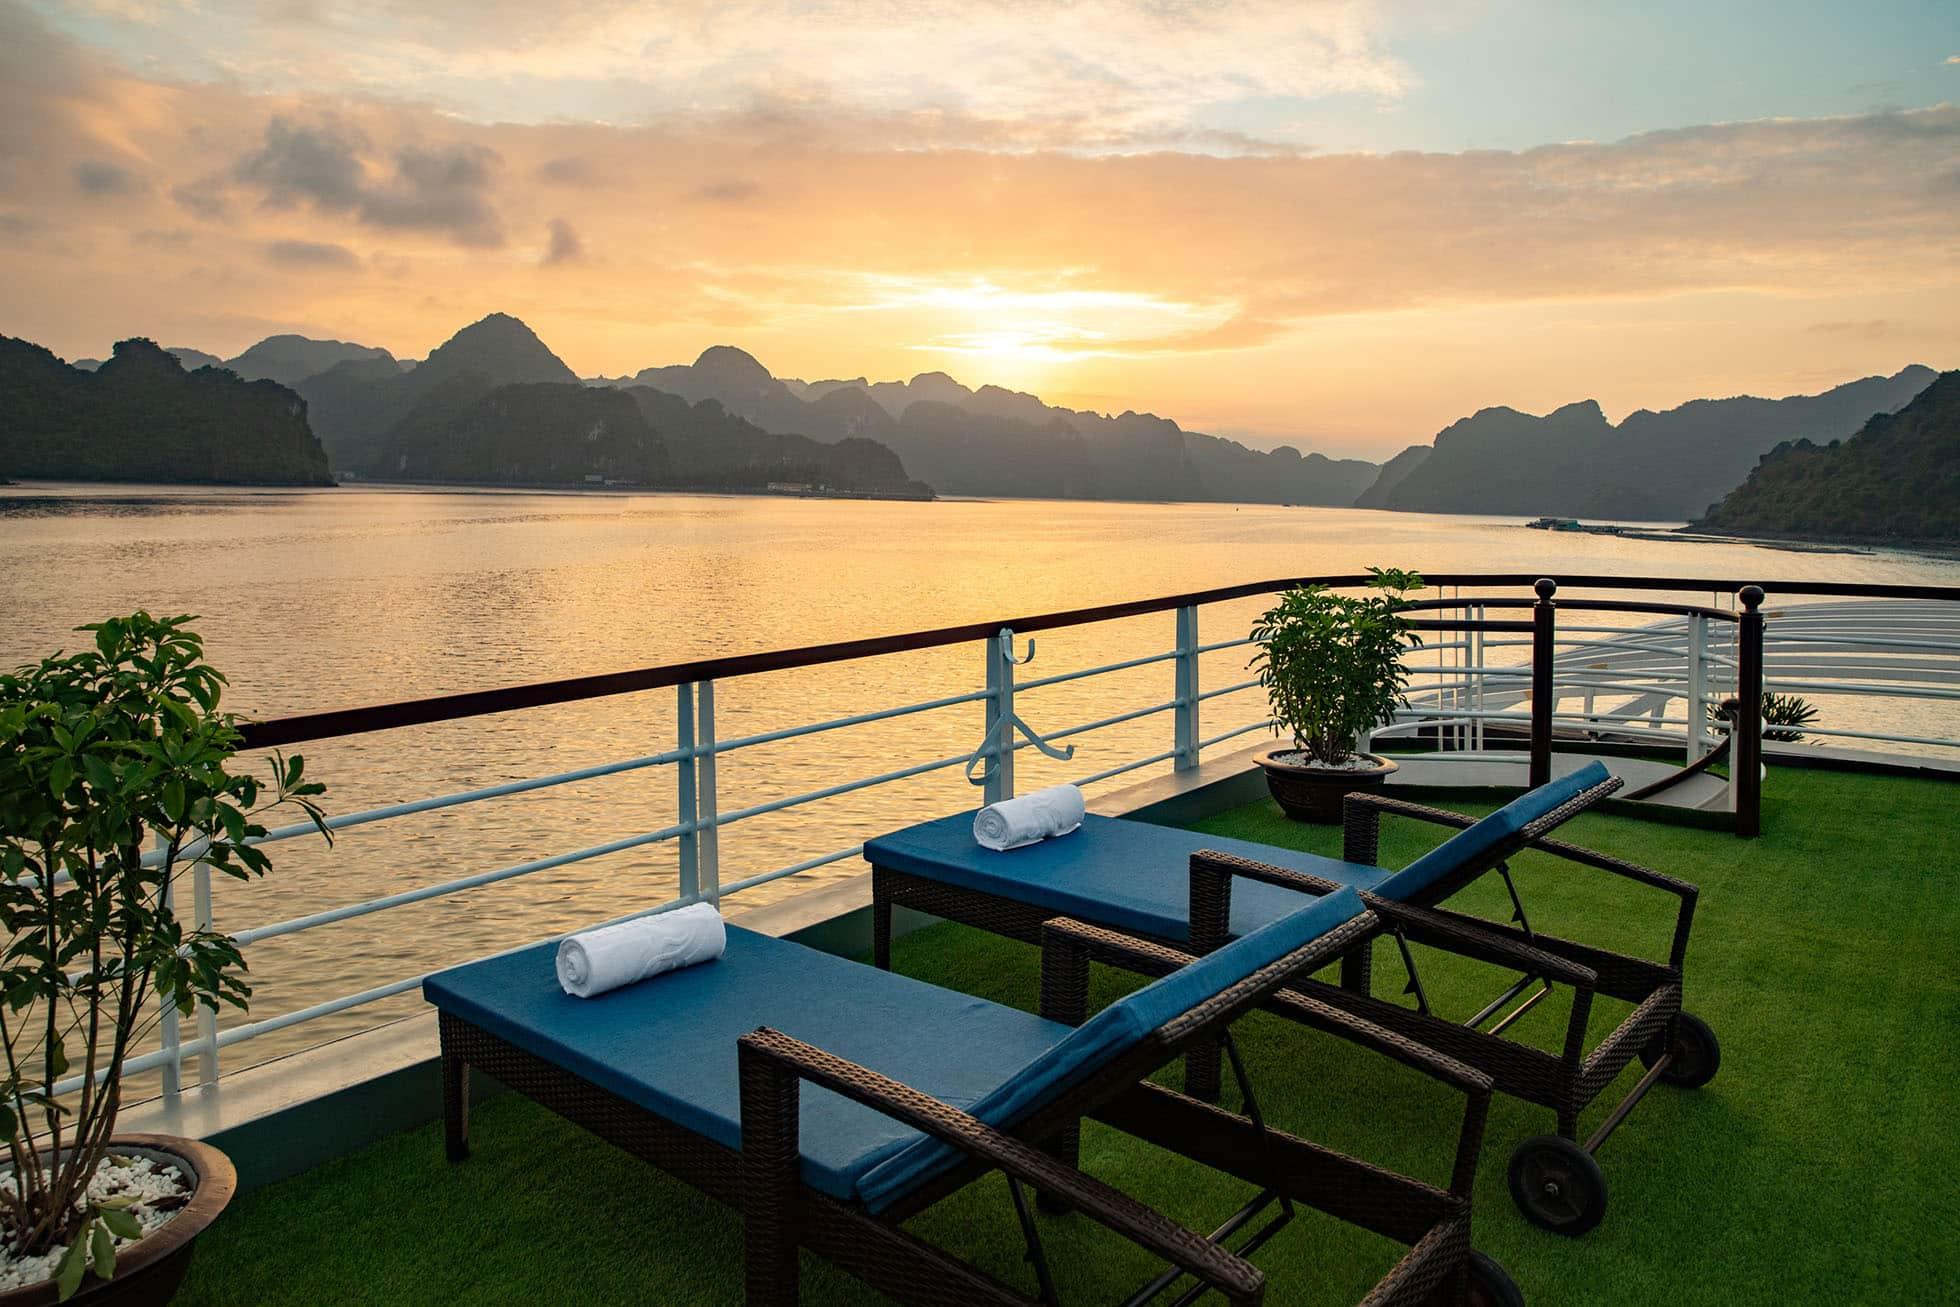 Sunset on Lan Ha Bay